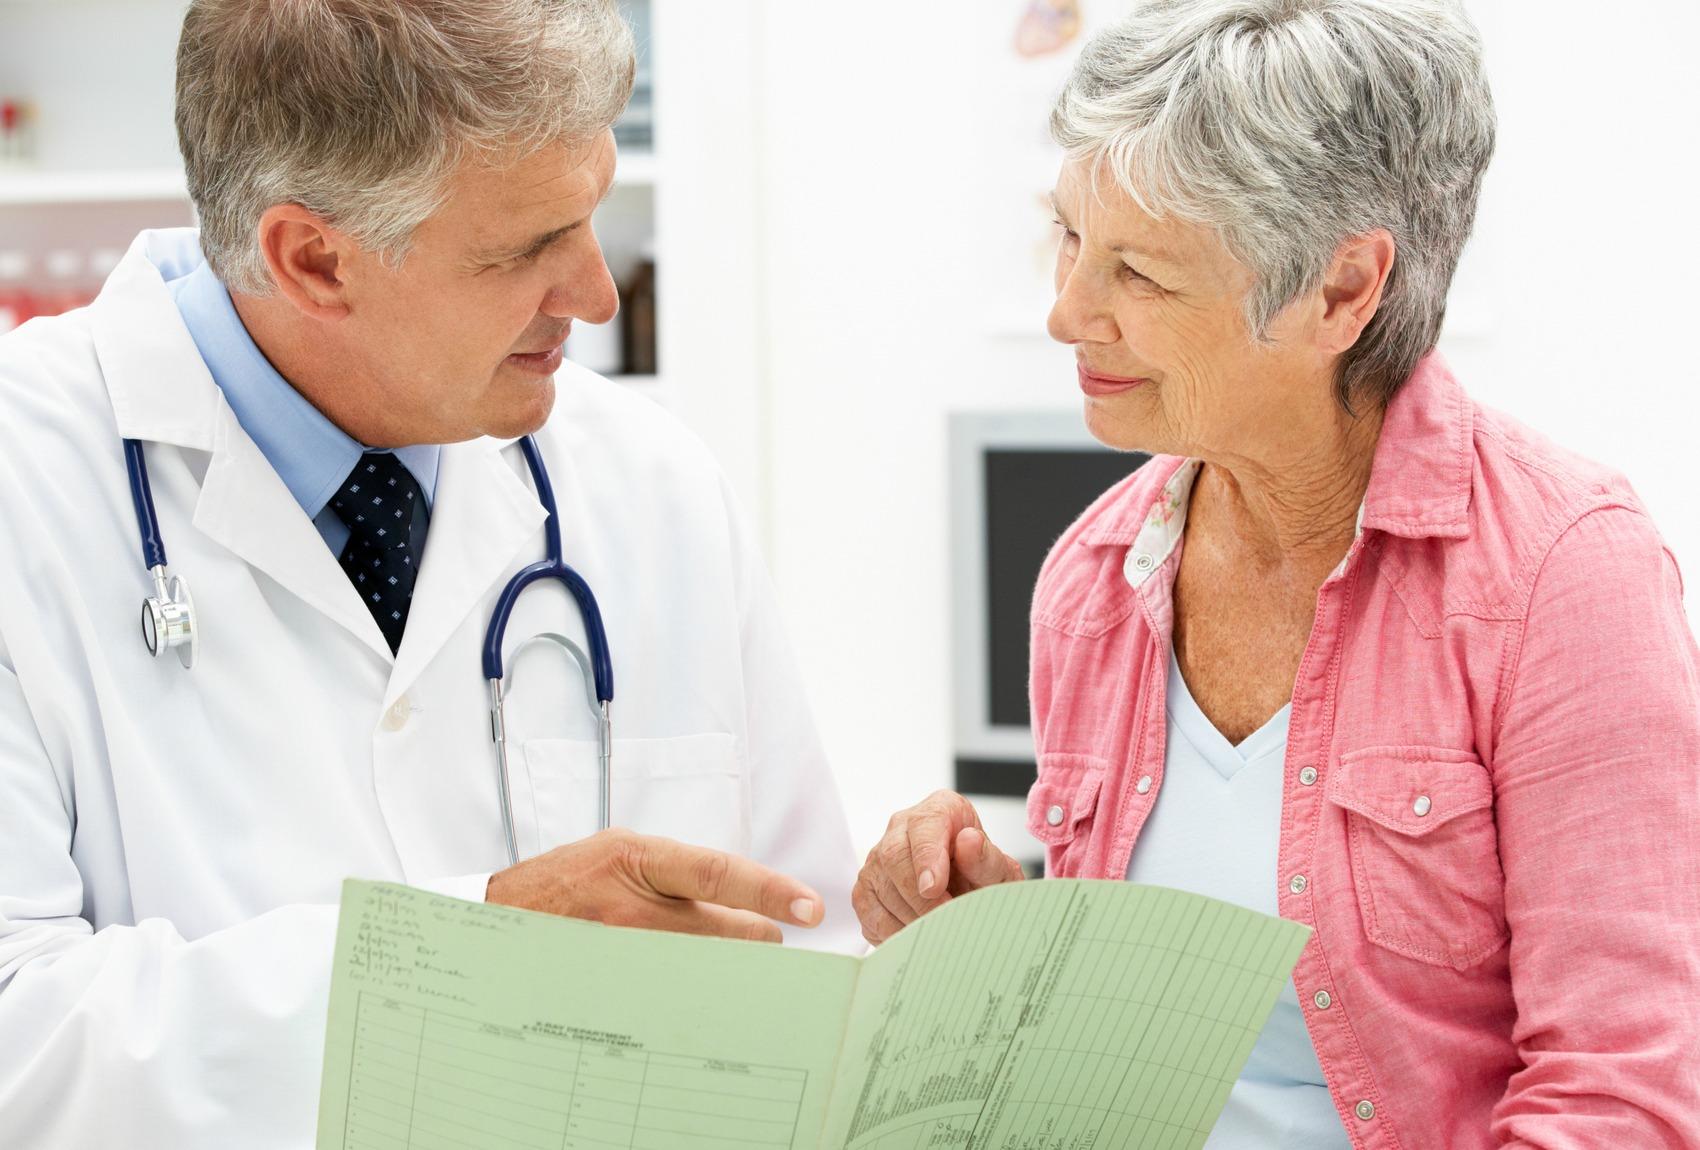 Copertina per Nuovo medico in arrivo nell'ambito di Farra, il rebus sull'ambulatorio a Villesse